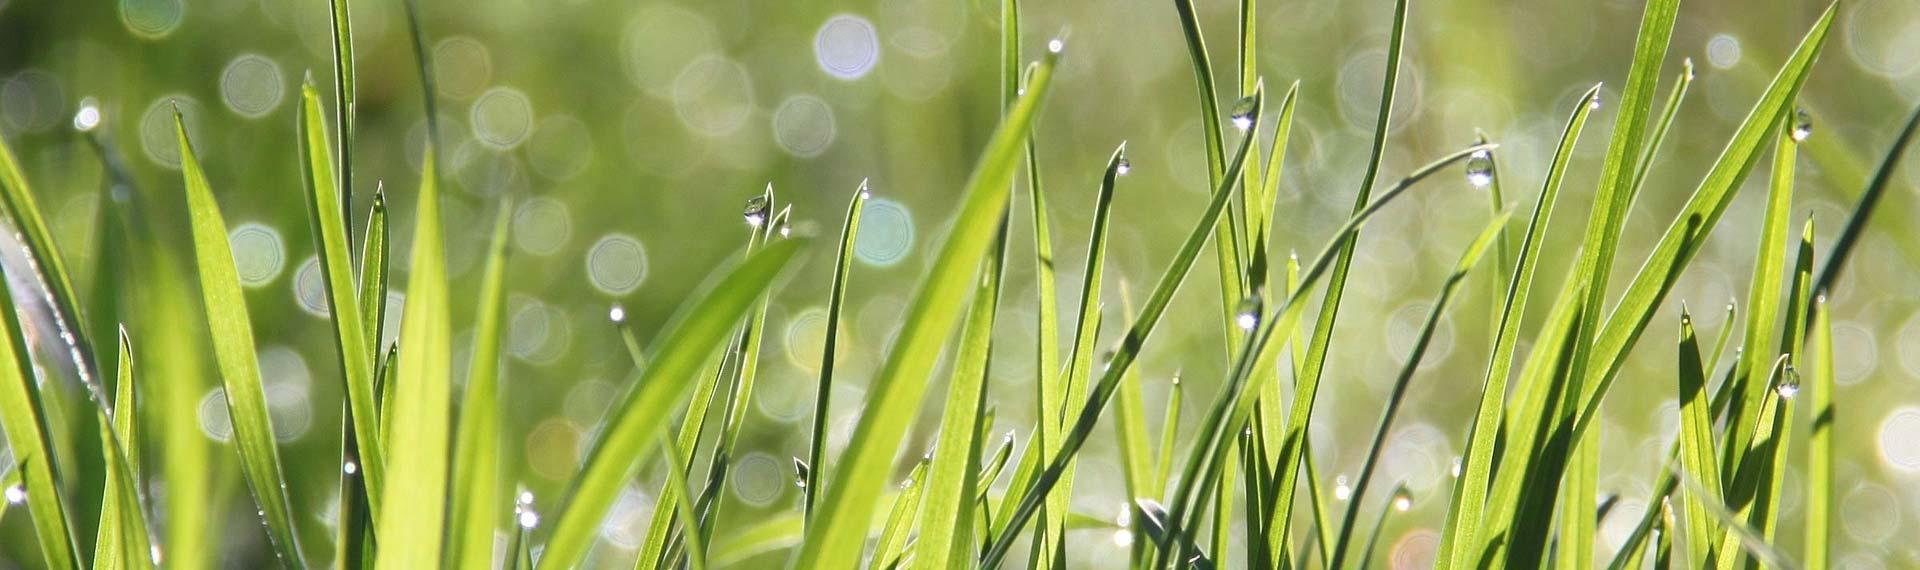 Wiese in der Natu:Gen Y & Z für Bio begeistern